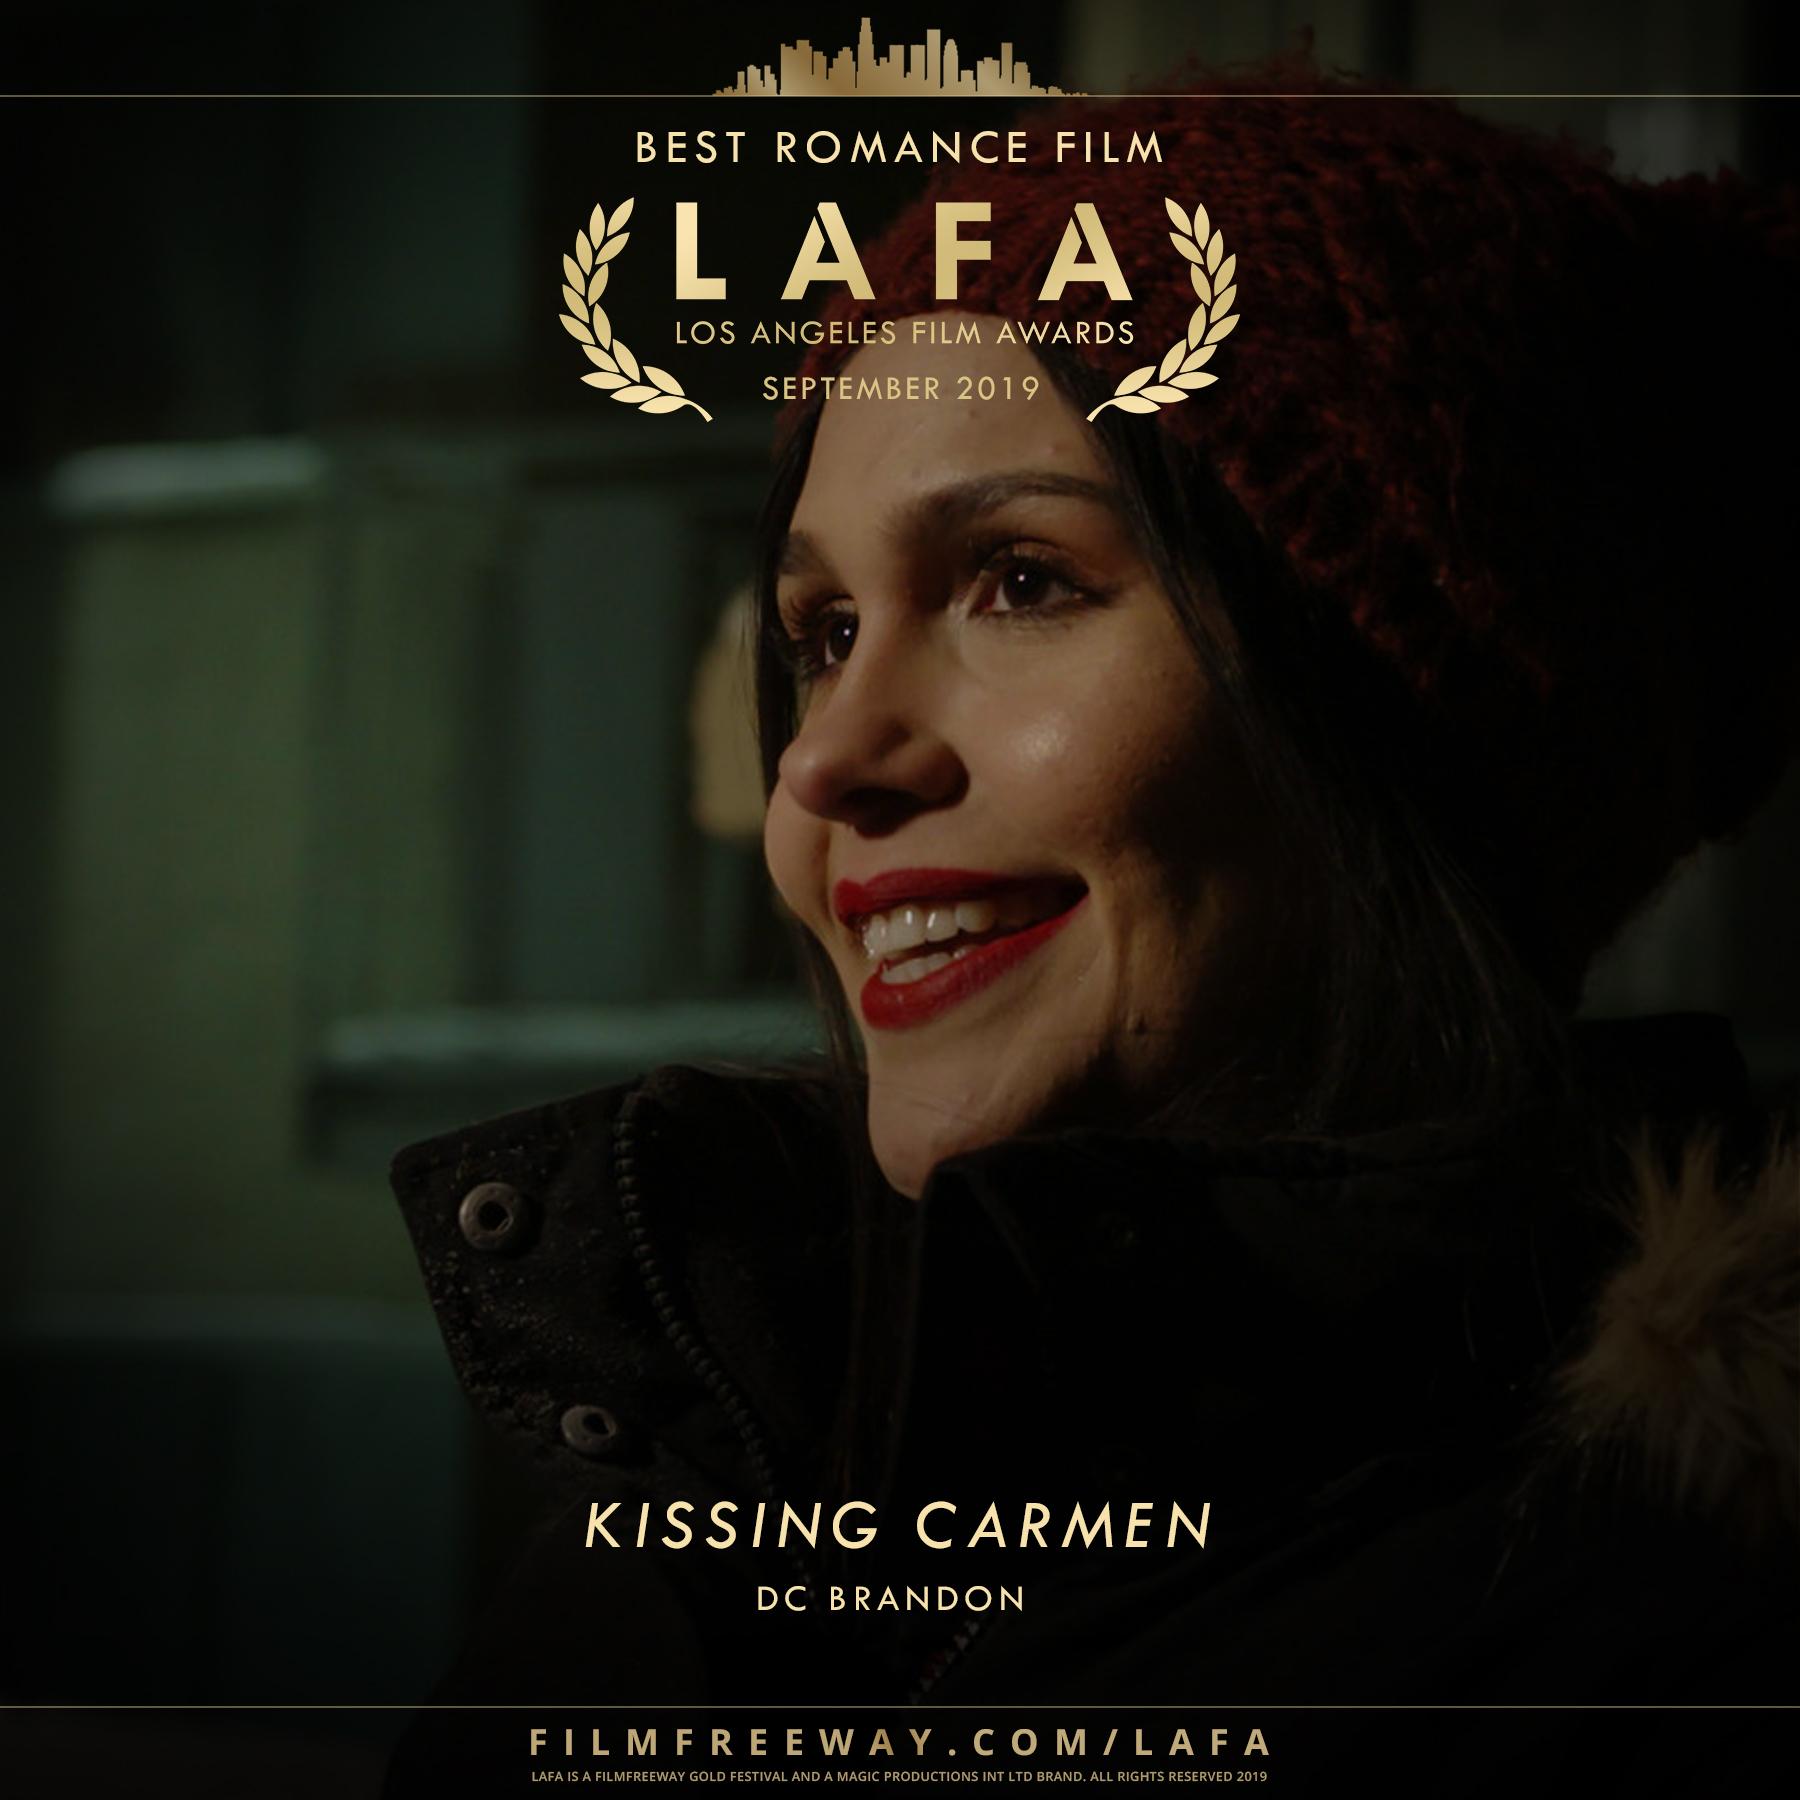 KISSING CARMEN design